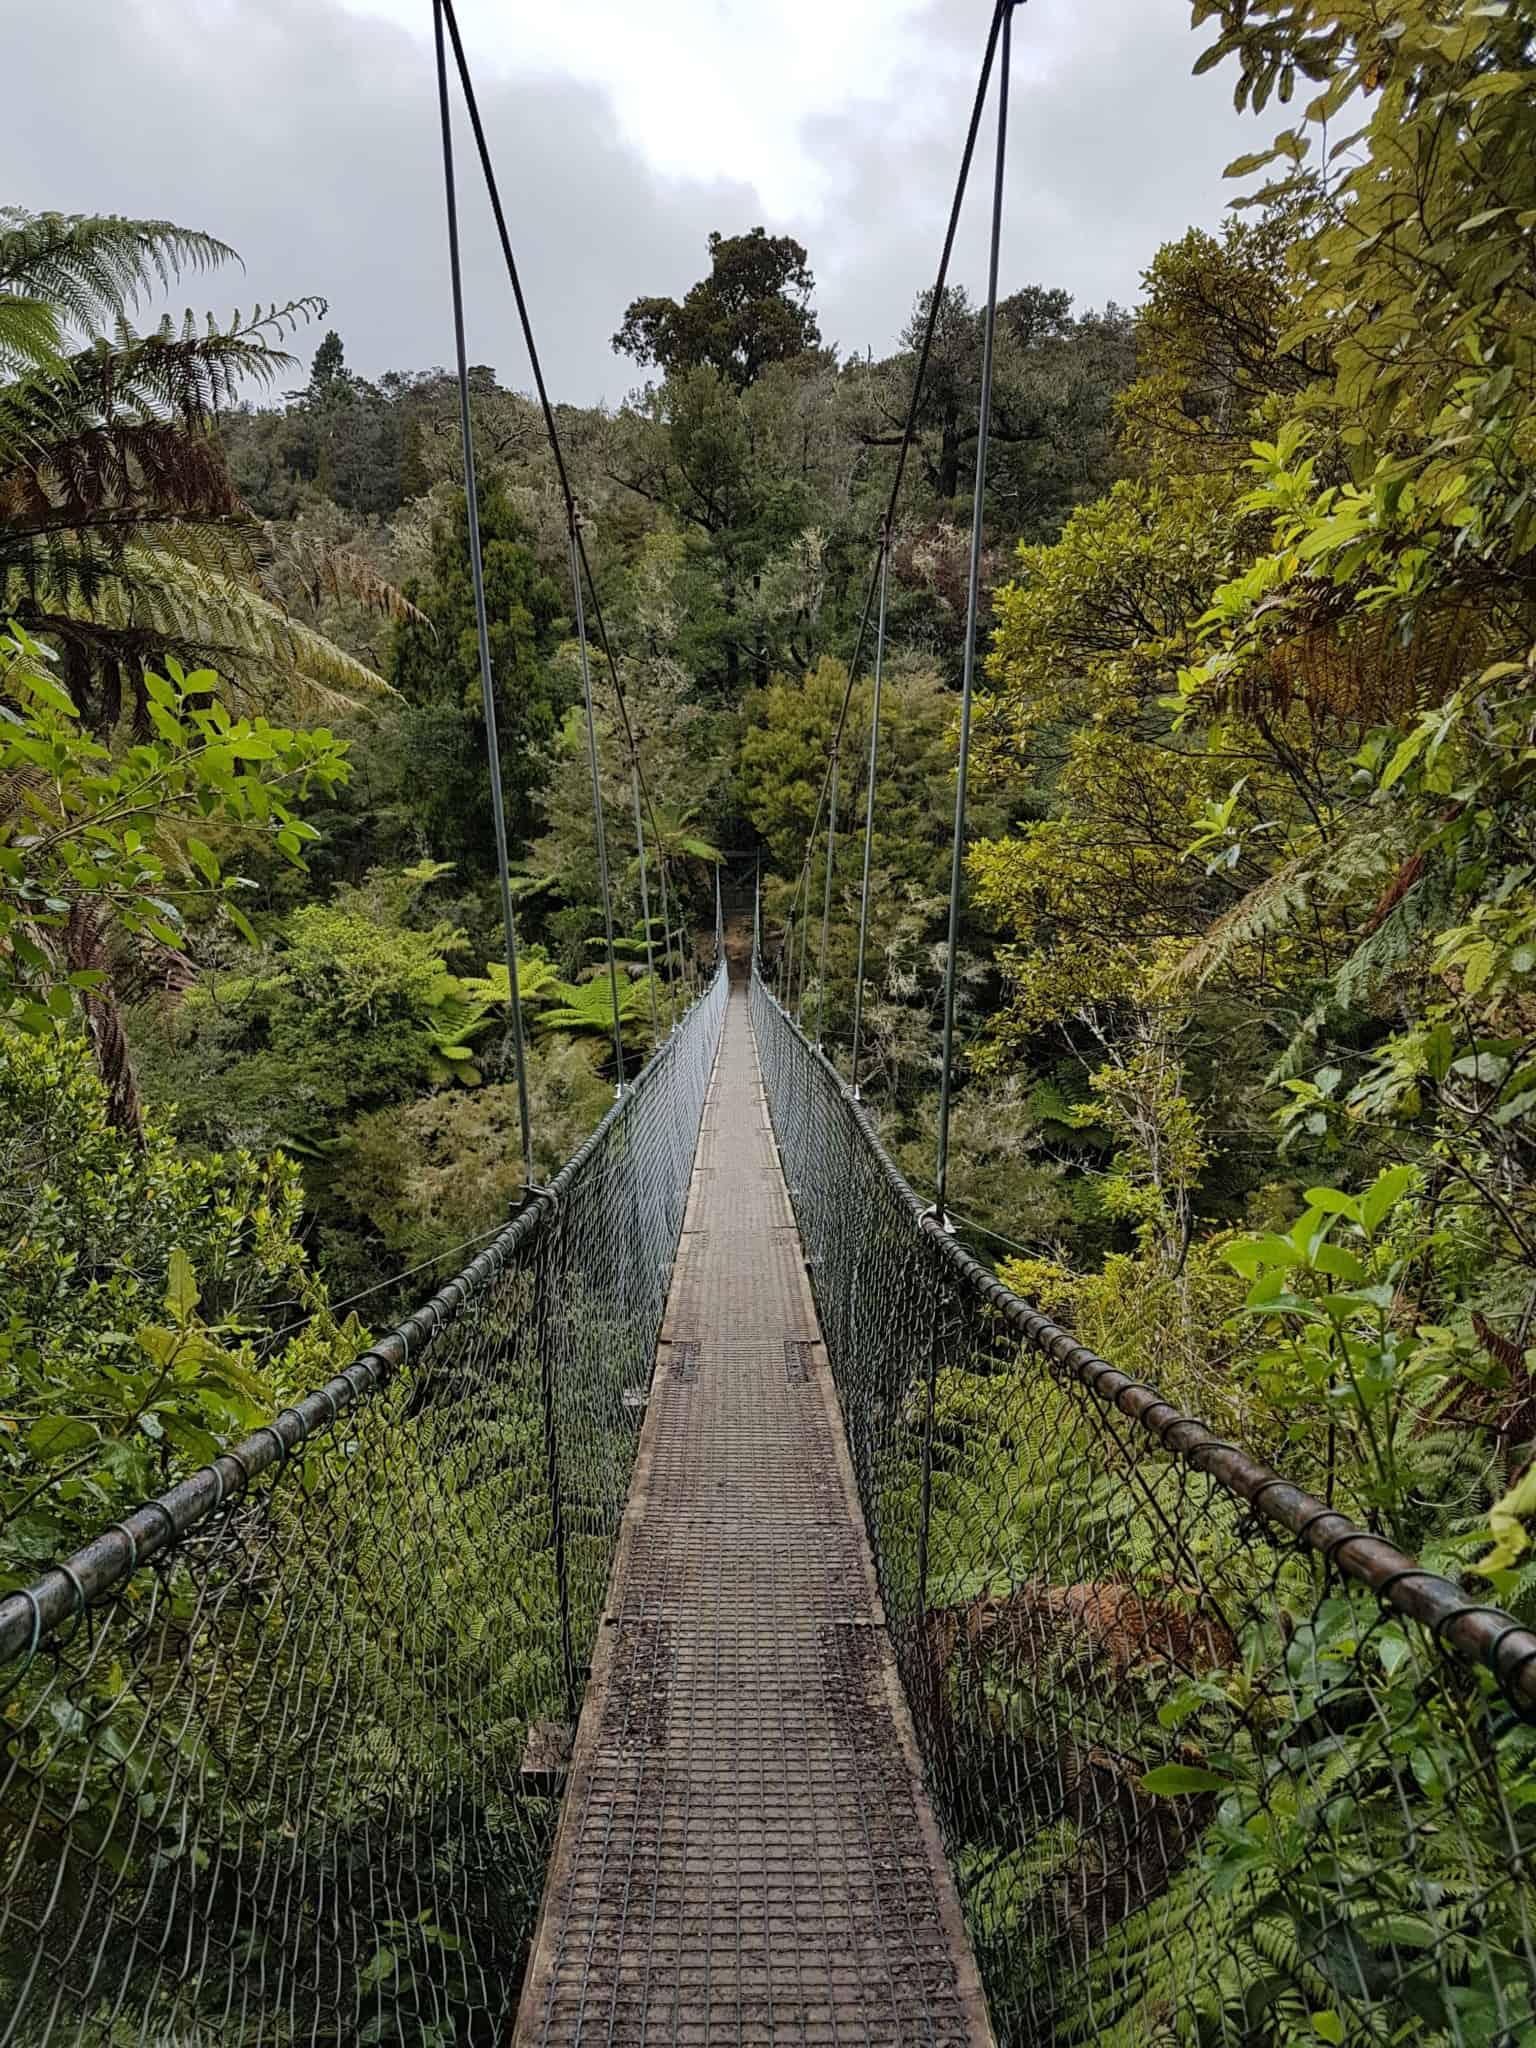 Nouvelle-Zélande, 24 km de randonnée sous la pluie dans le parc d'Abel Tasman 🌧 17